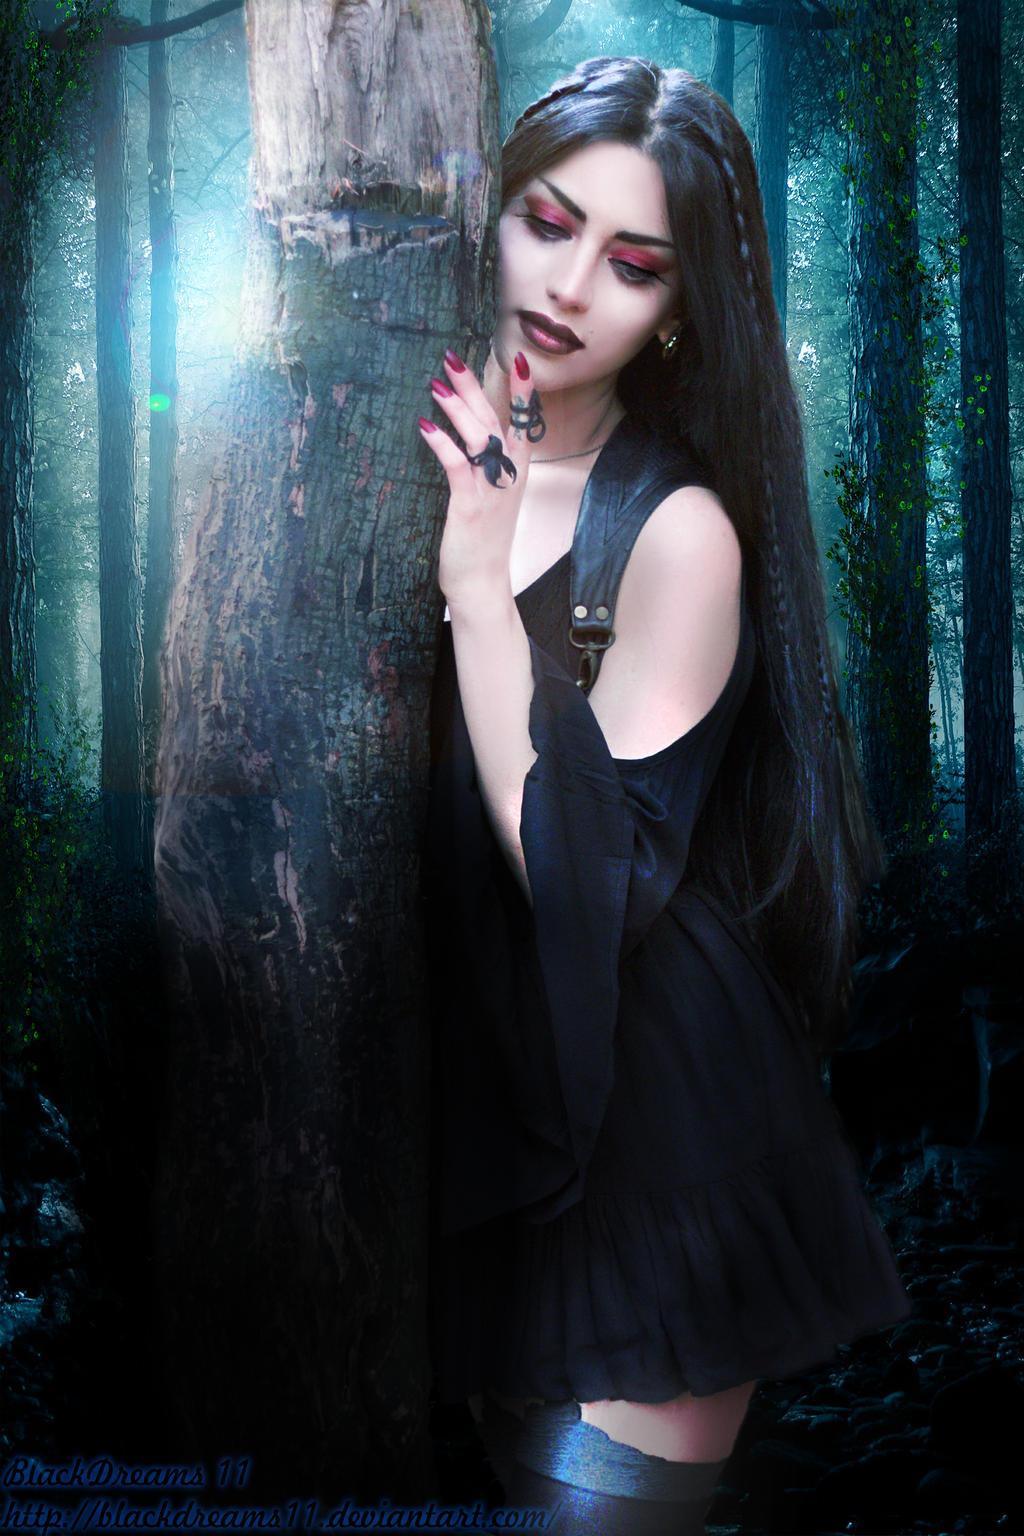 gothic midevil dark - photo #41